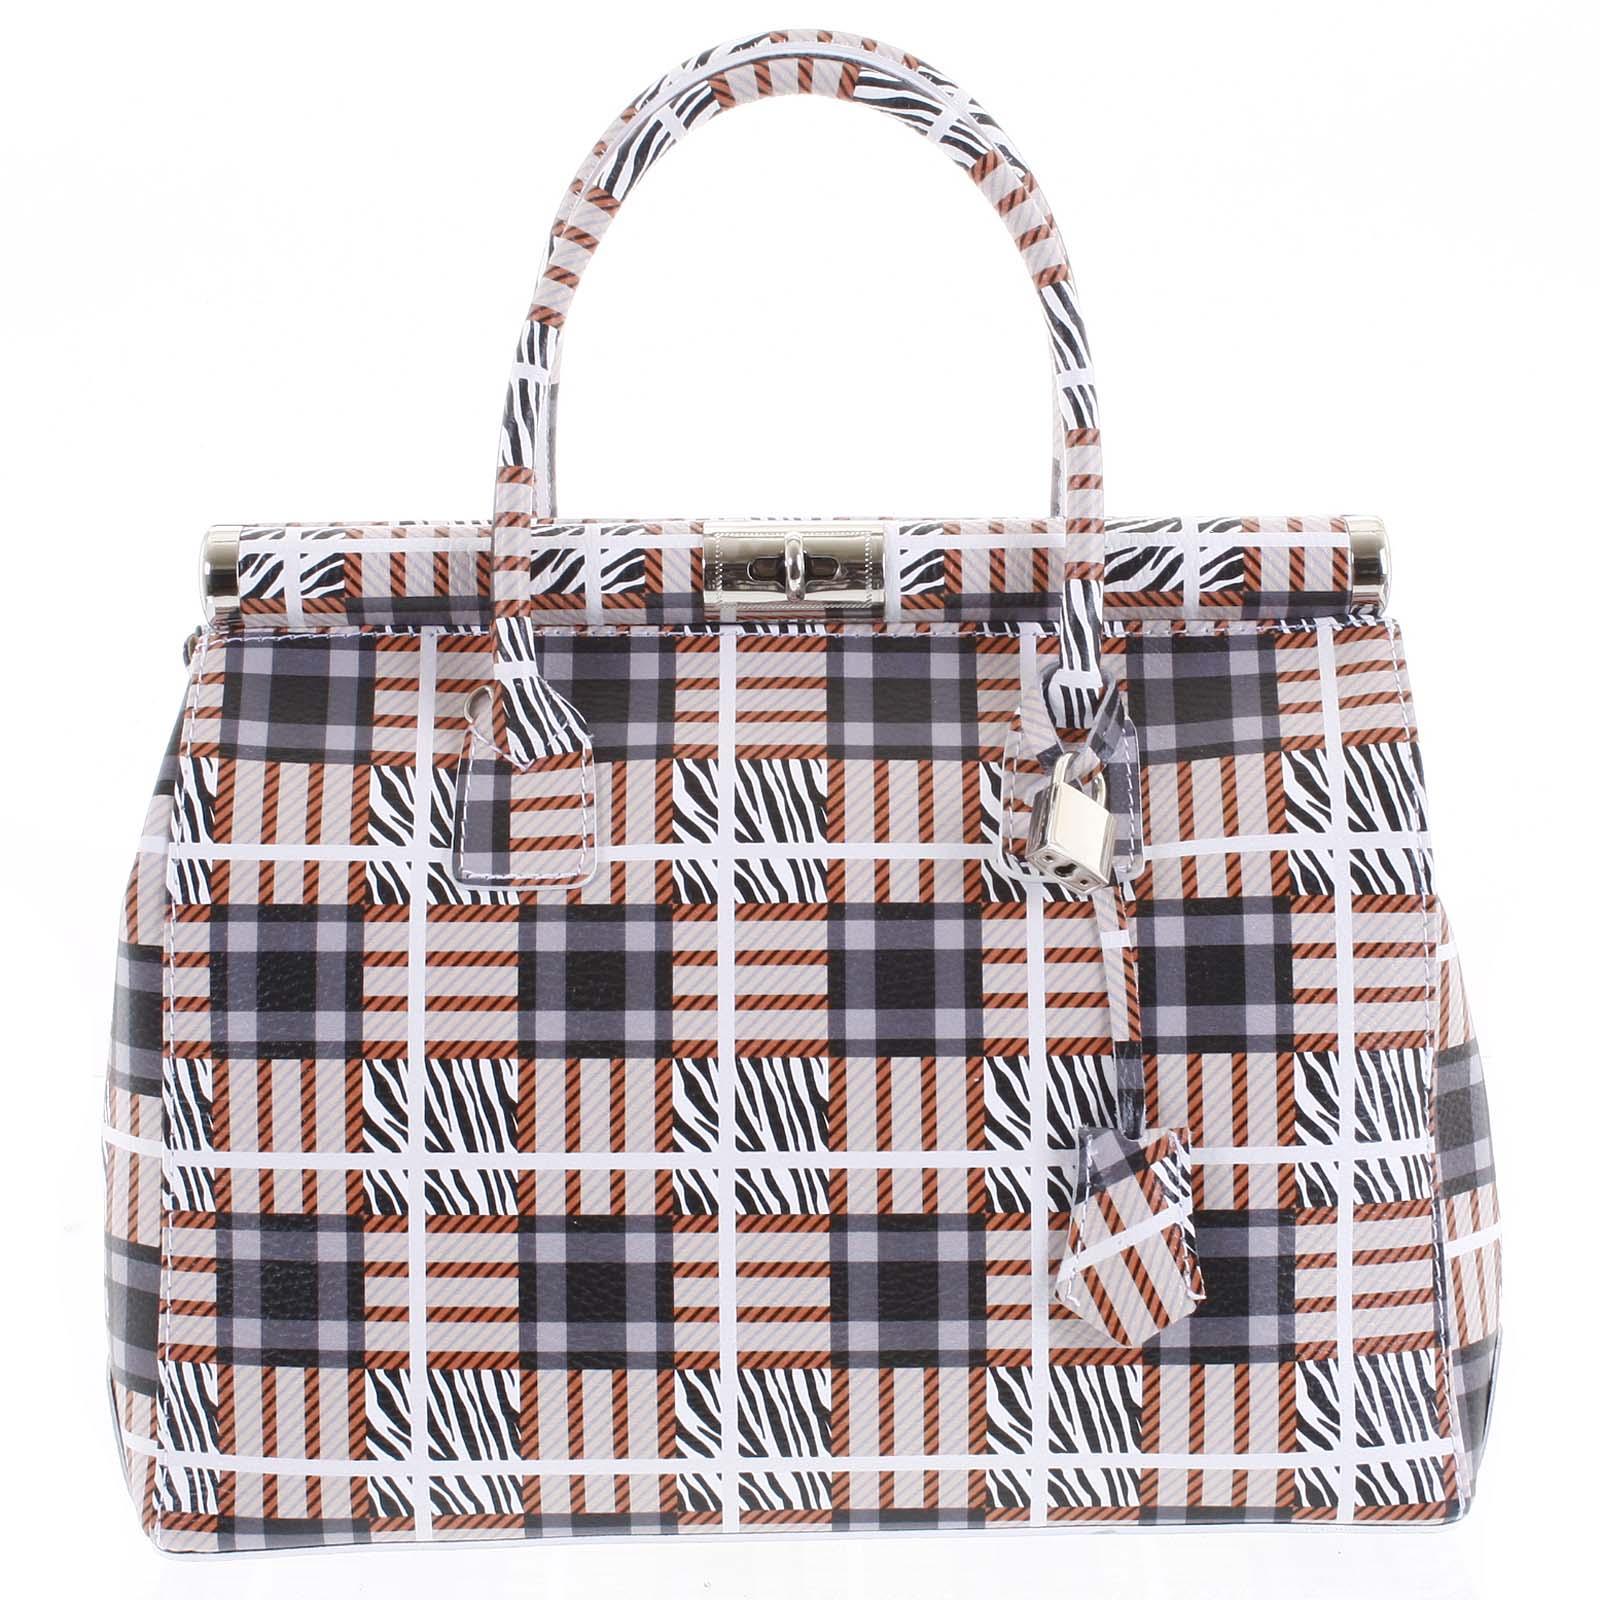 Módní originální dámská kožená kabelka do ruky barevná - ItalY Hila barevná